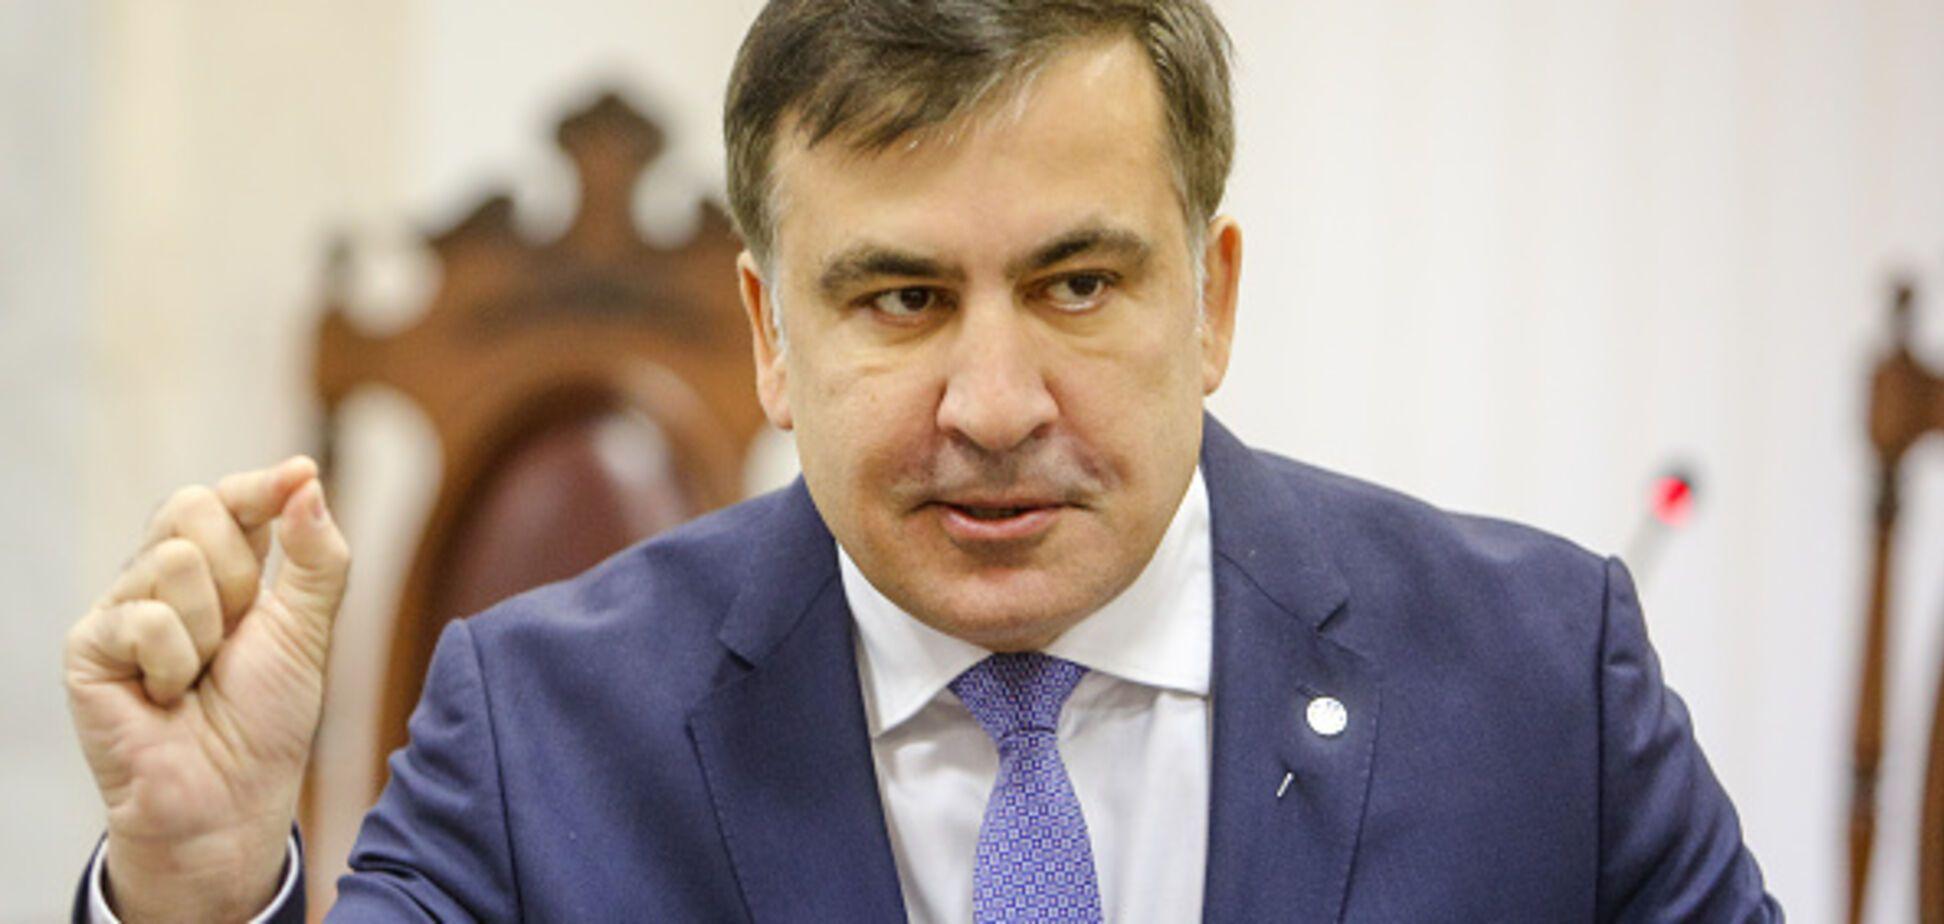 'Как Hyperloop': Саакашвили анонсировал скорое возвращение в Украину